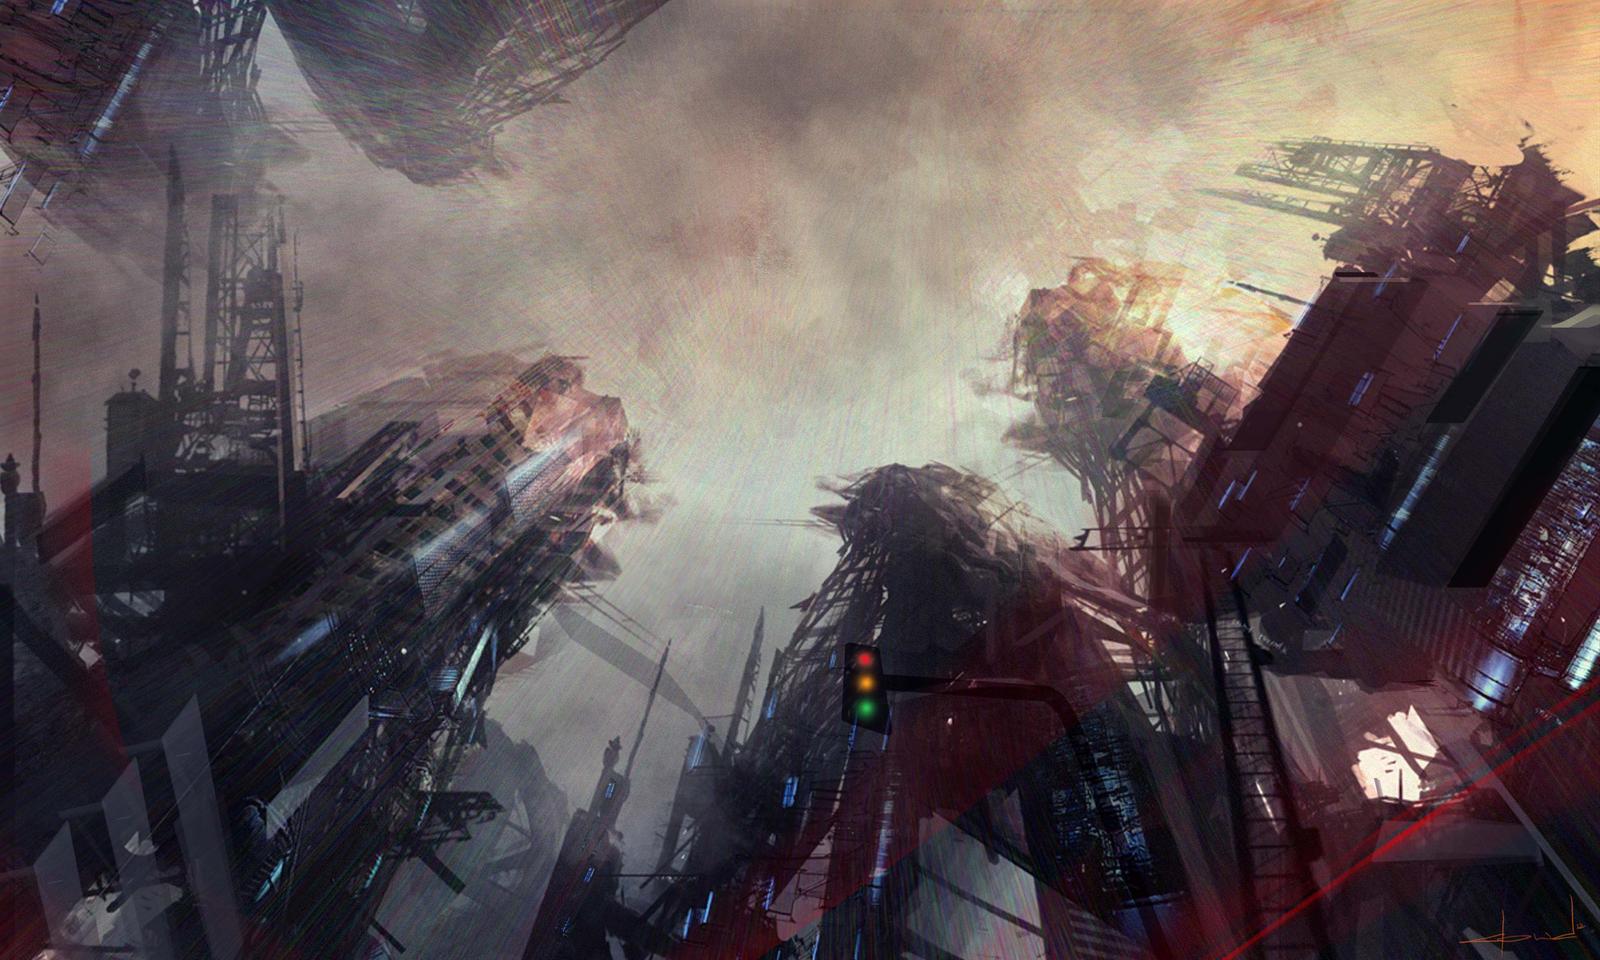 Vertical Street by Darkcloud013